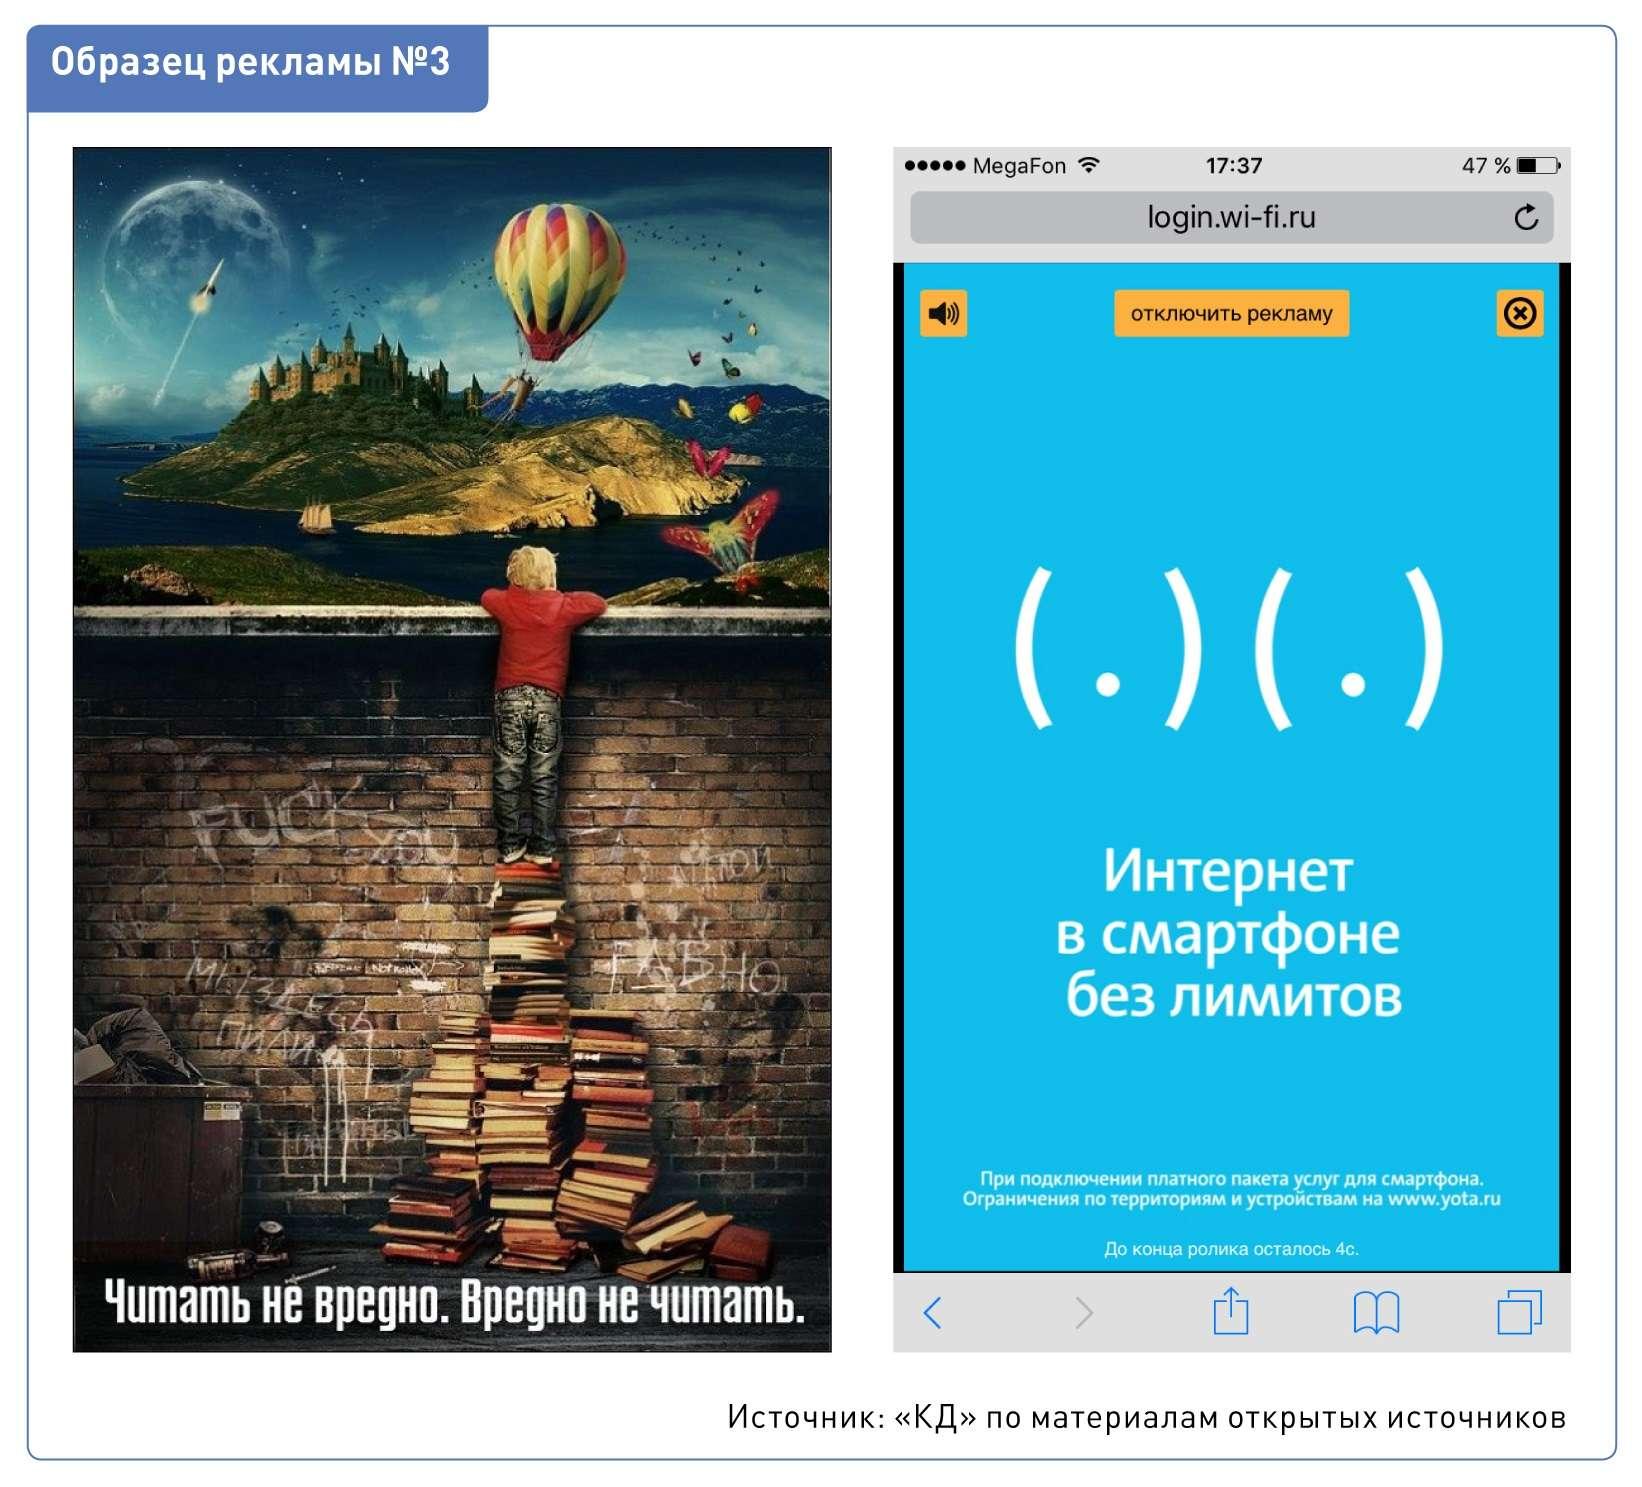 Как преследуется законом незаконная реклама в сети интернета добавить контекстная реклама